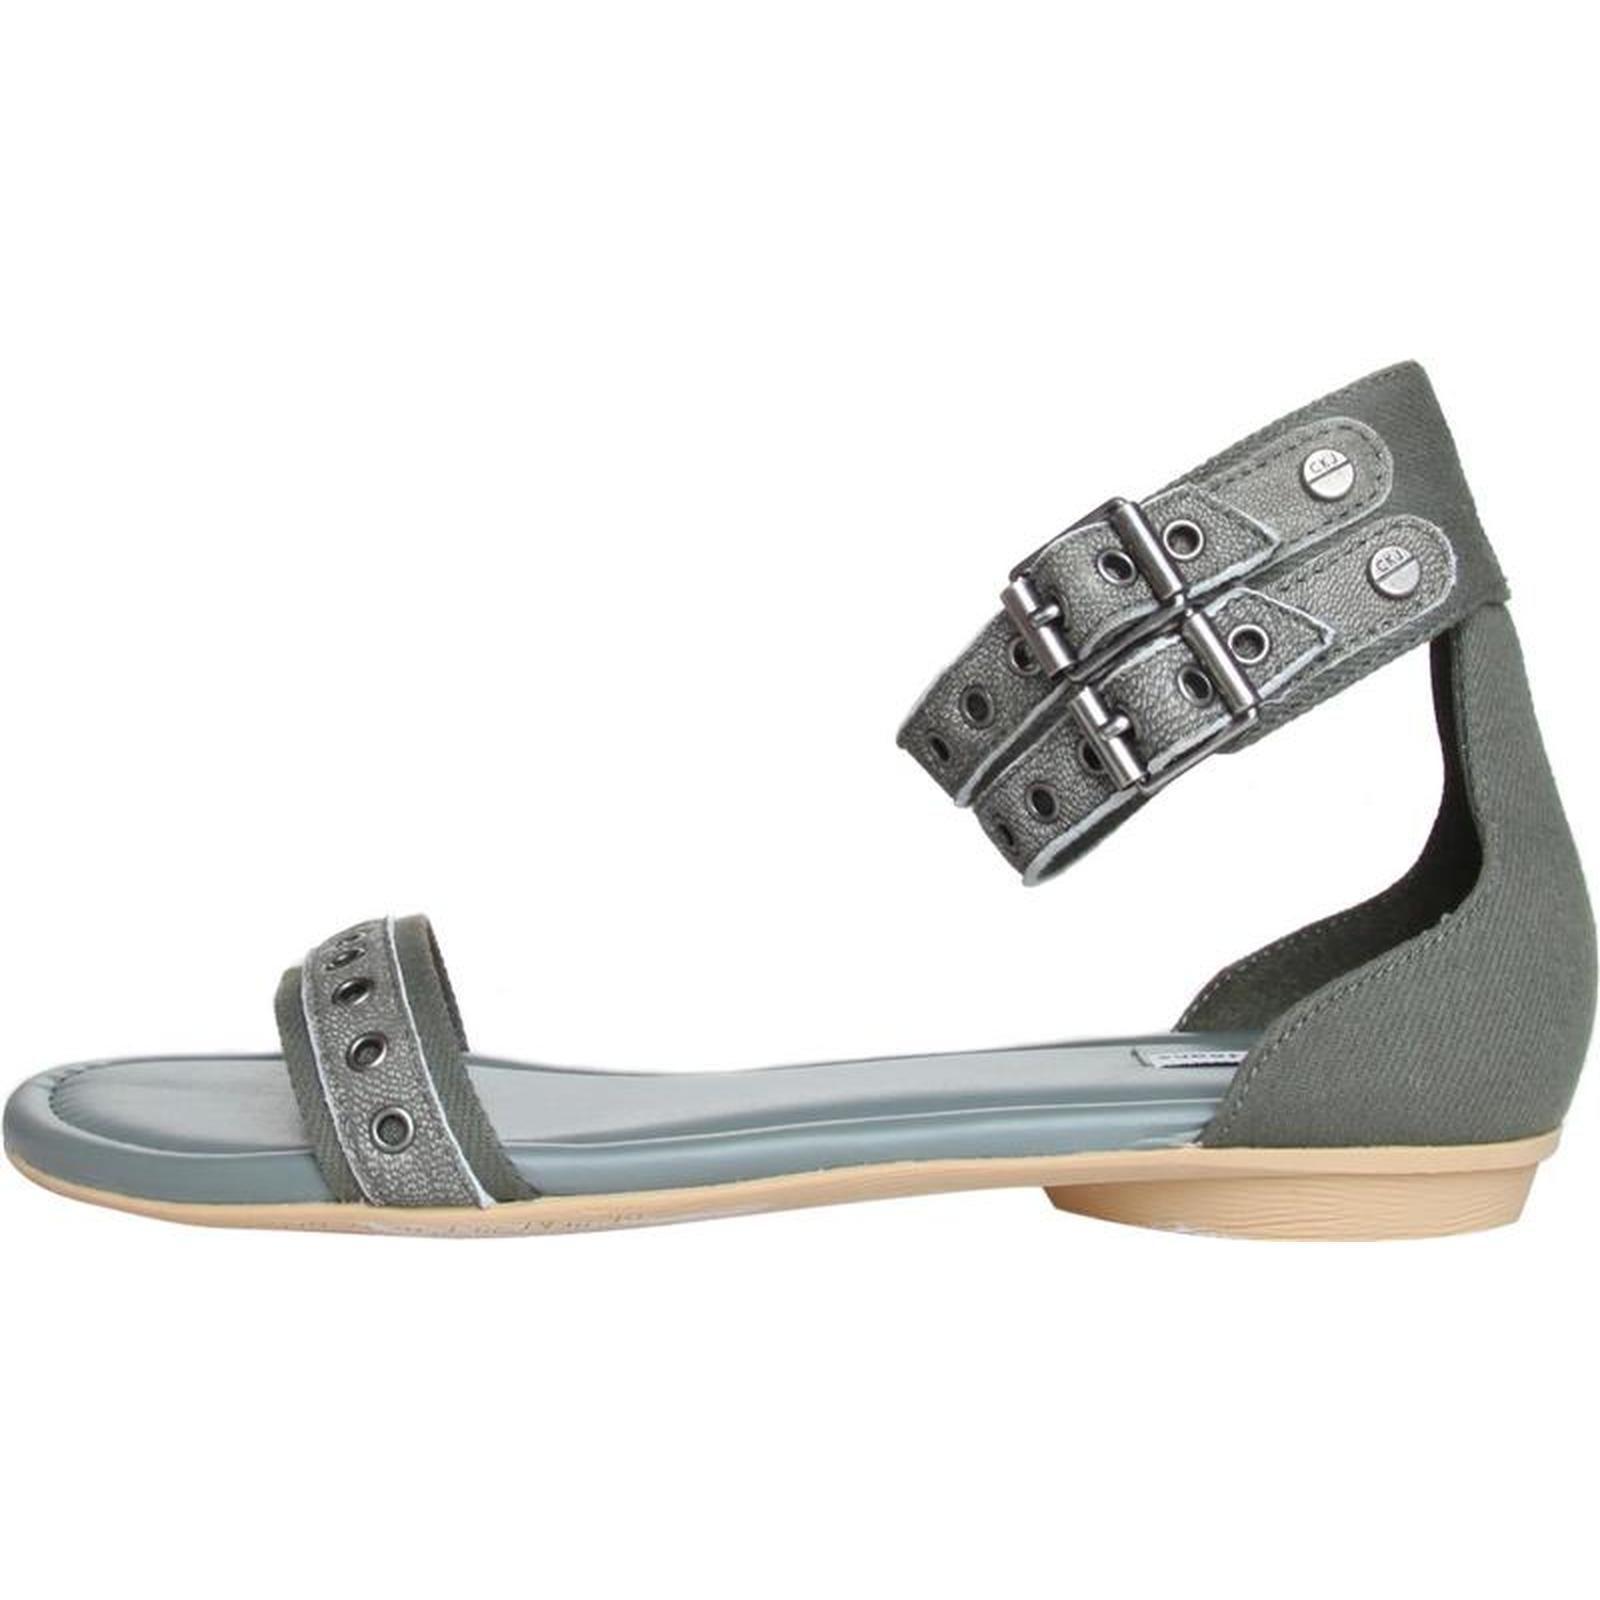 Calvin Klein Jeans Layla Damen Leder Sommer Schuhe Sandalen Sandaletten Pantoletten Calvin Klein Sommer Sandalen Schuhe Sandalen Sandaletten Sandalen